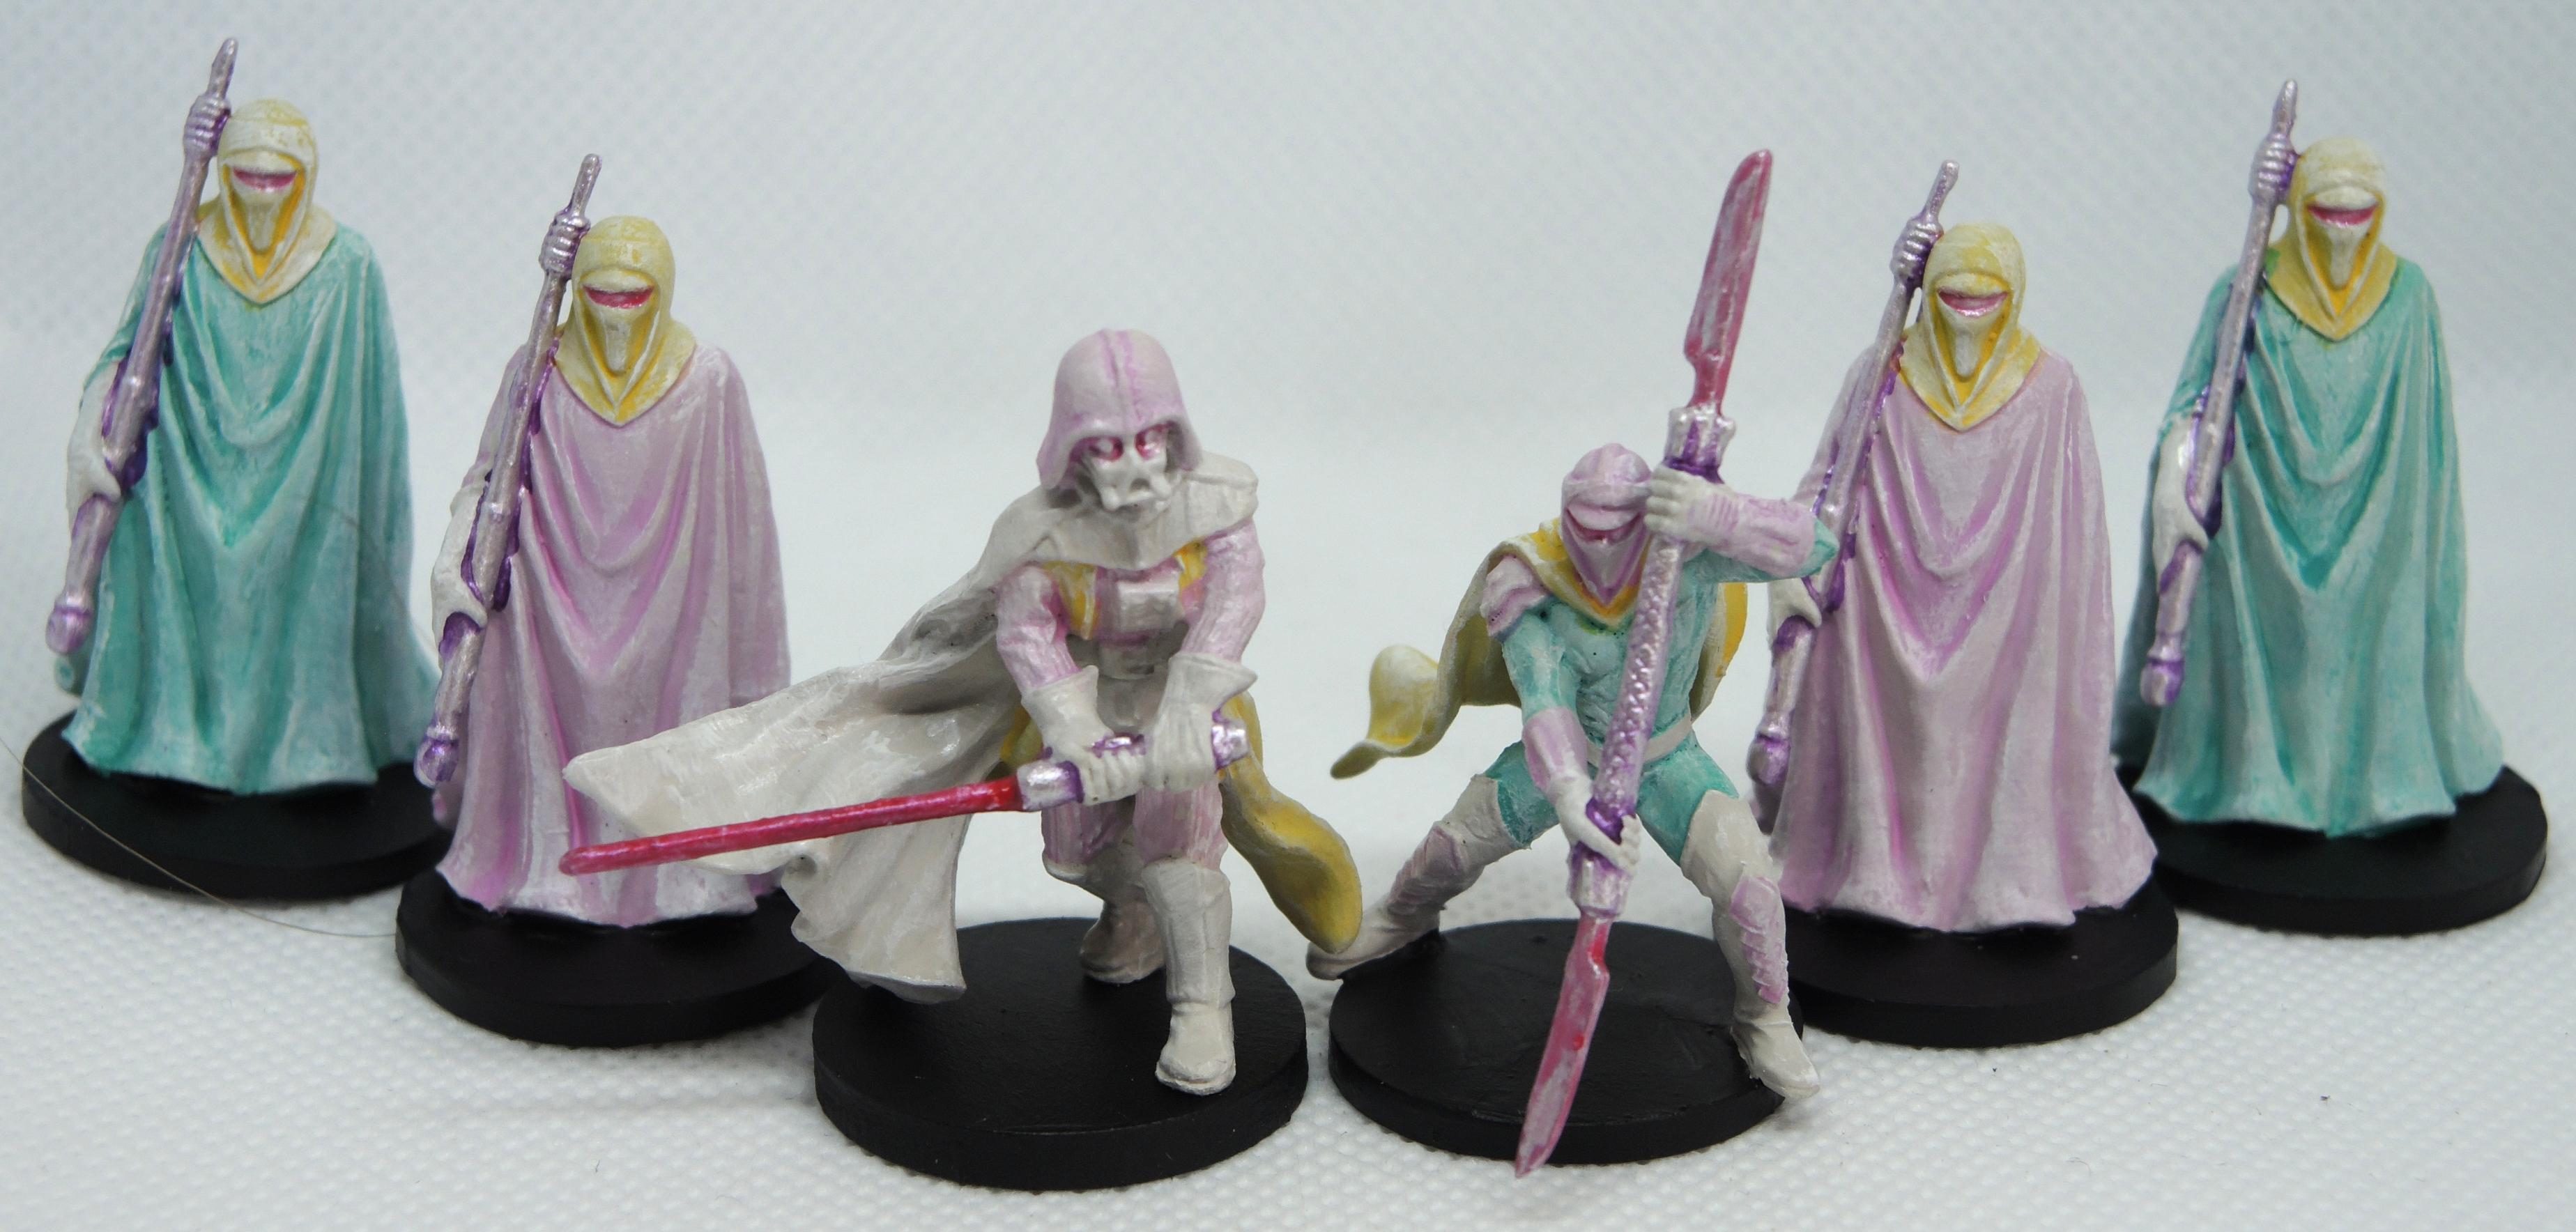 Darth Vader, Imperial, Imperial Assault, Star Wars